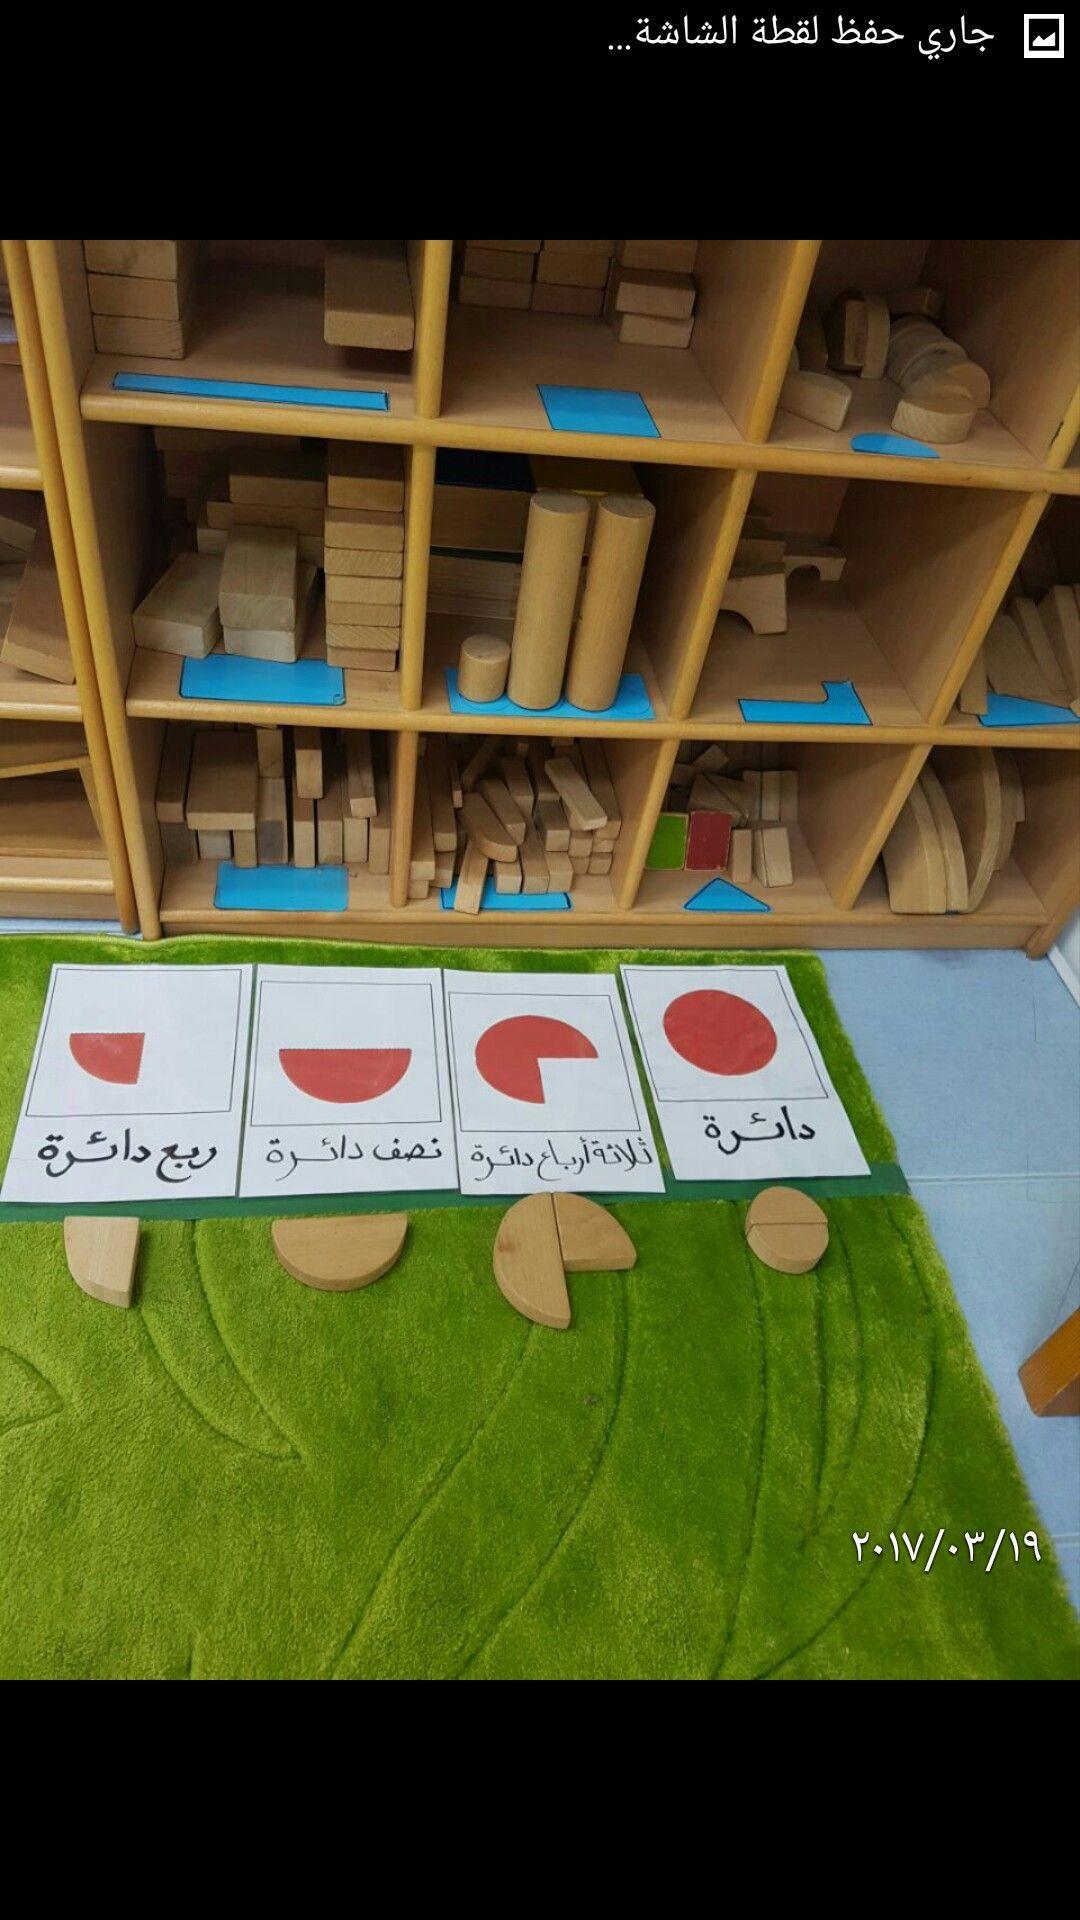 اثراء ركن المكعبات يكون الطفل الدوائر باستخدام الاشكال المناسبة Kids Education Fish Crafts Early Childhood